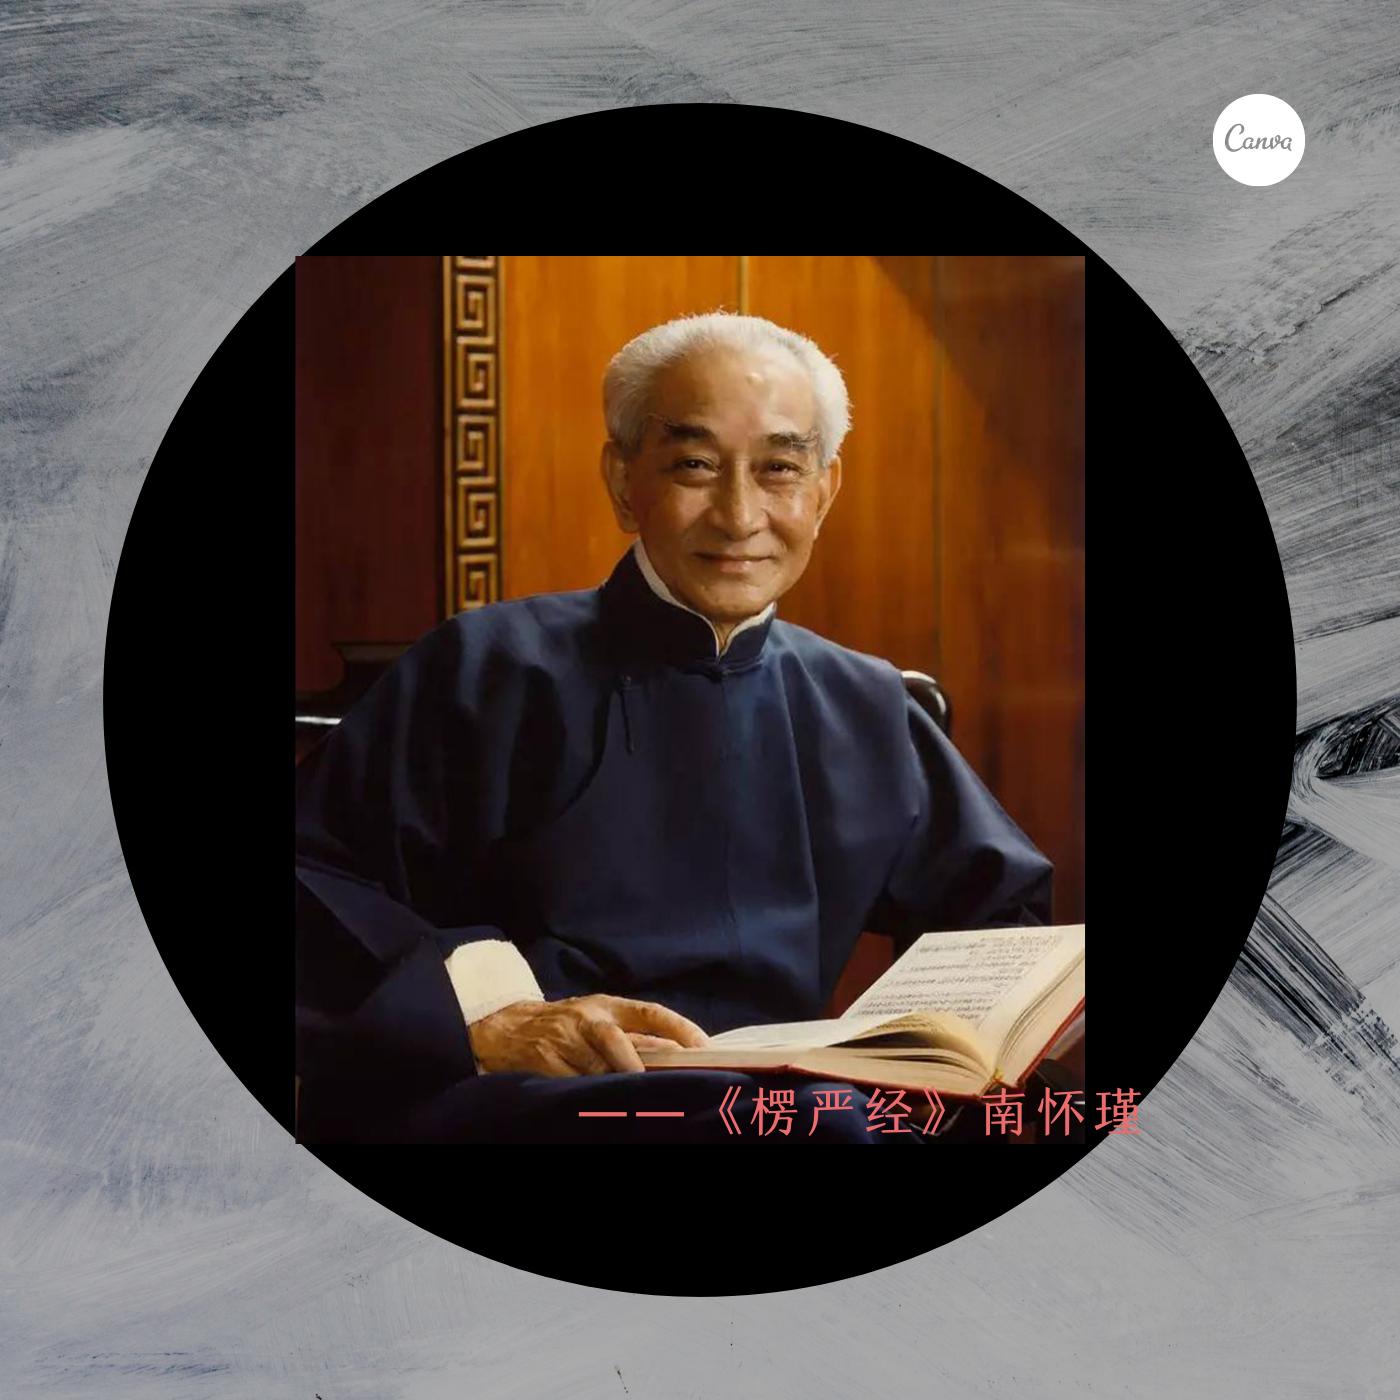 《楞严经》南怀瑾先生2009年太湖大学堂